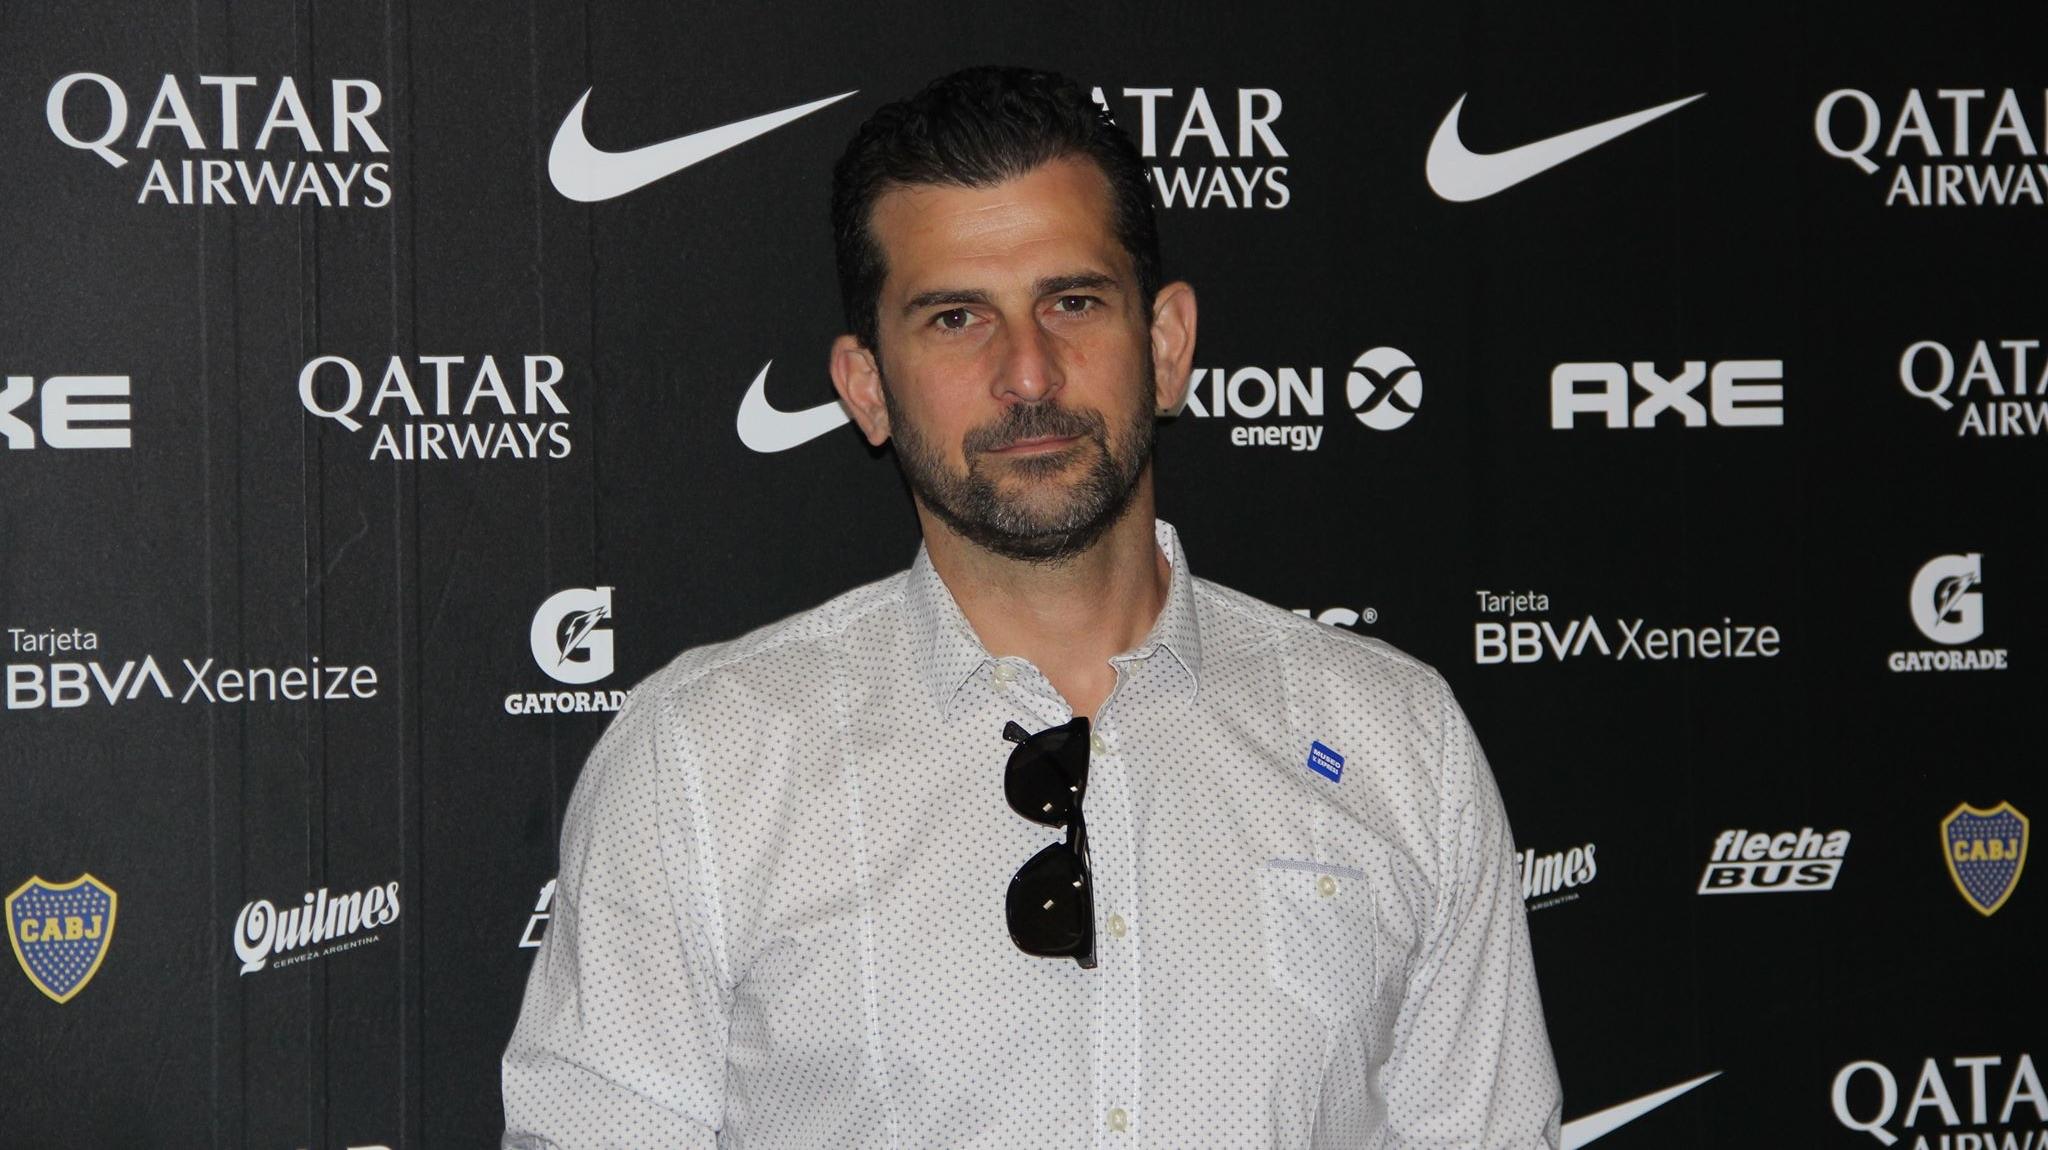 Τι κινεί, τι κάνει κάποιον, να γίνει προπονητής στο Futsal;